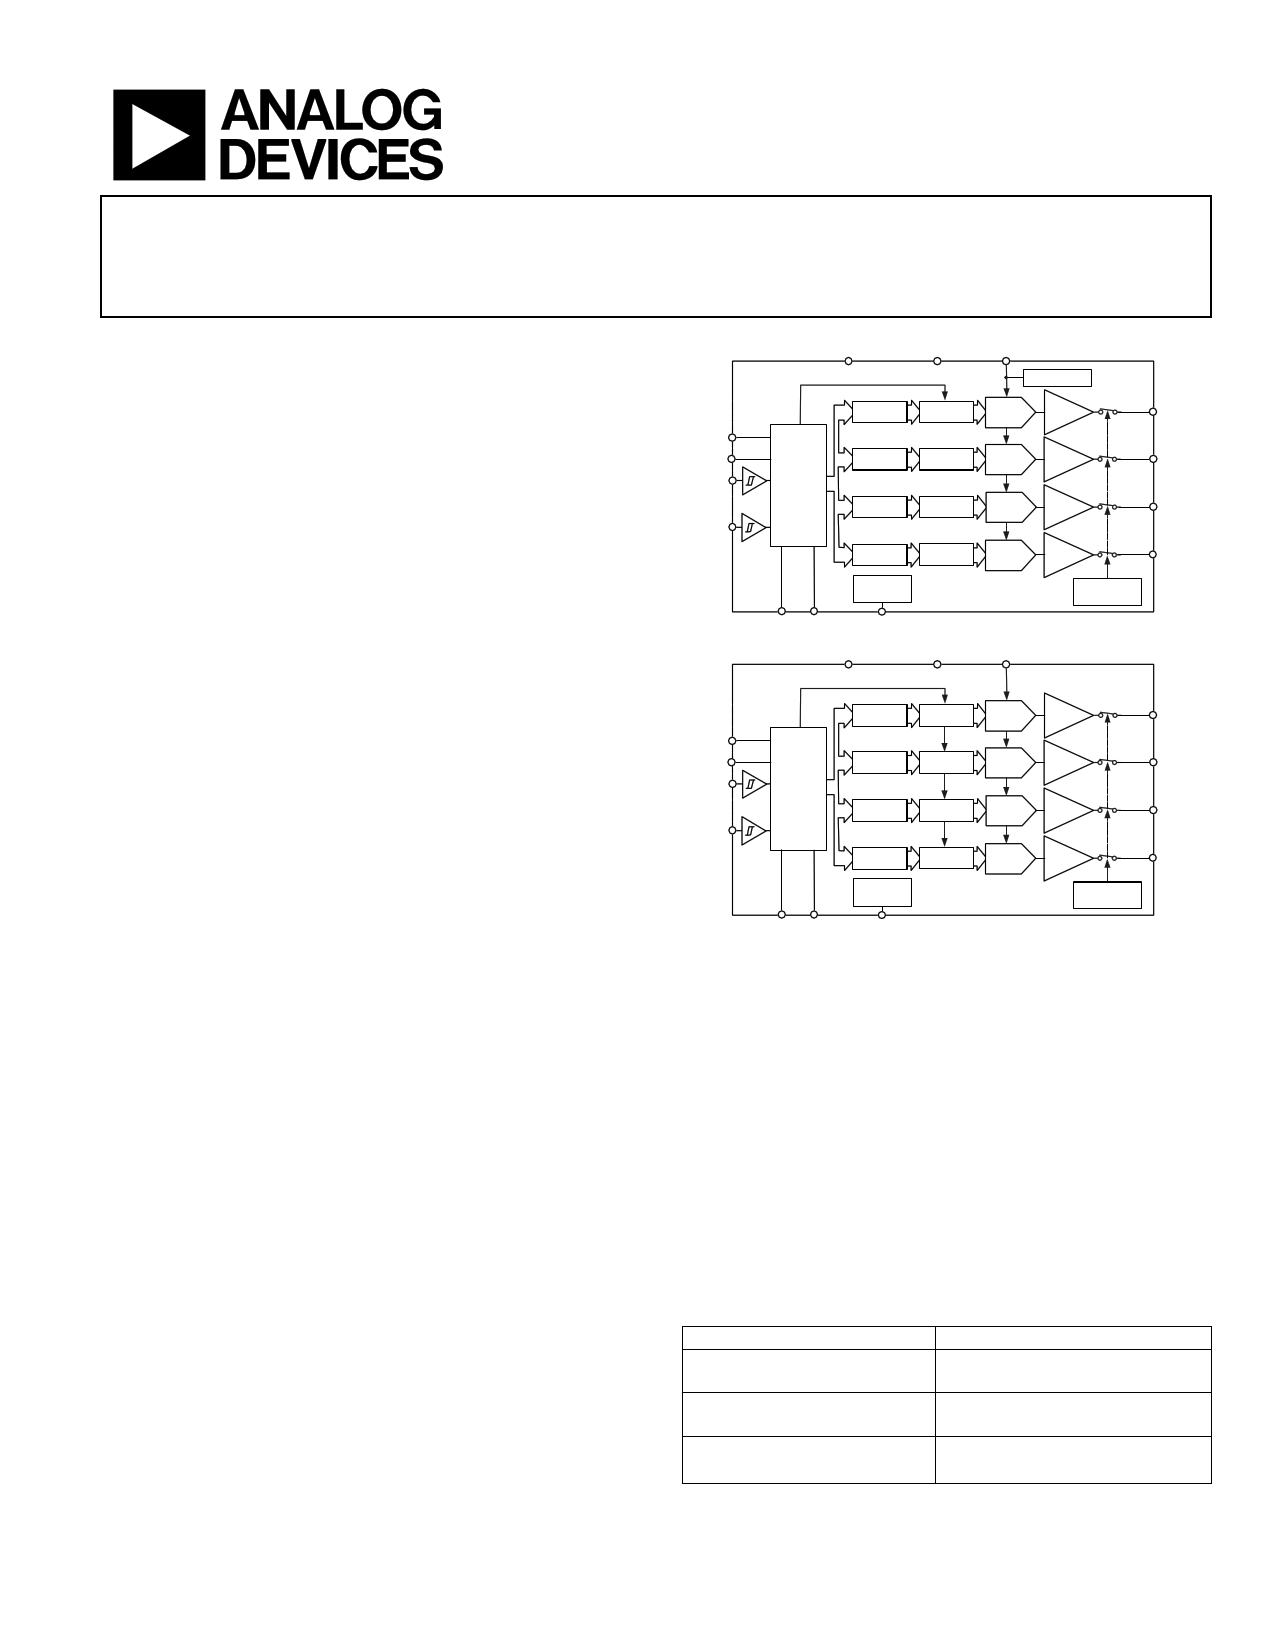 AD5665 Hoja de datos, Descripción, Manual